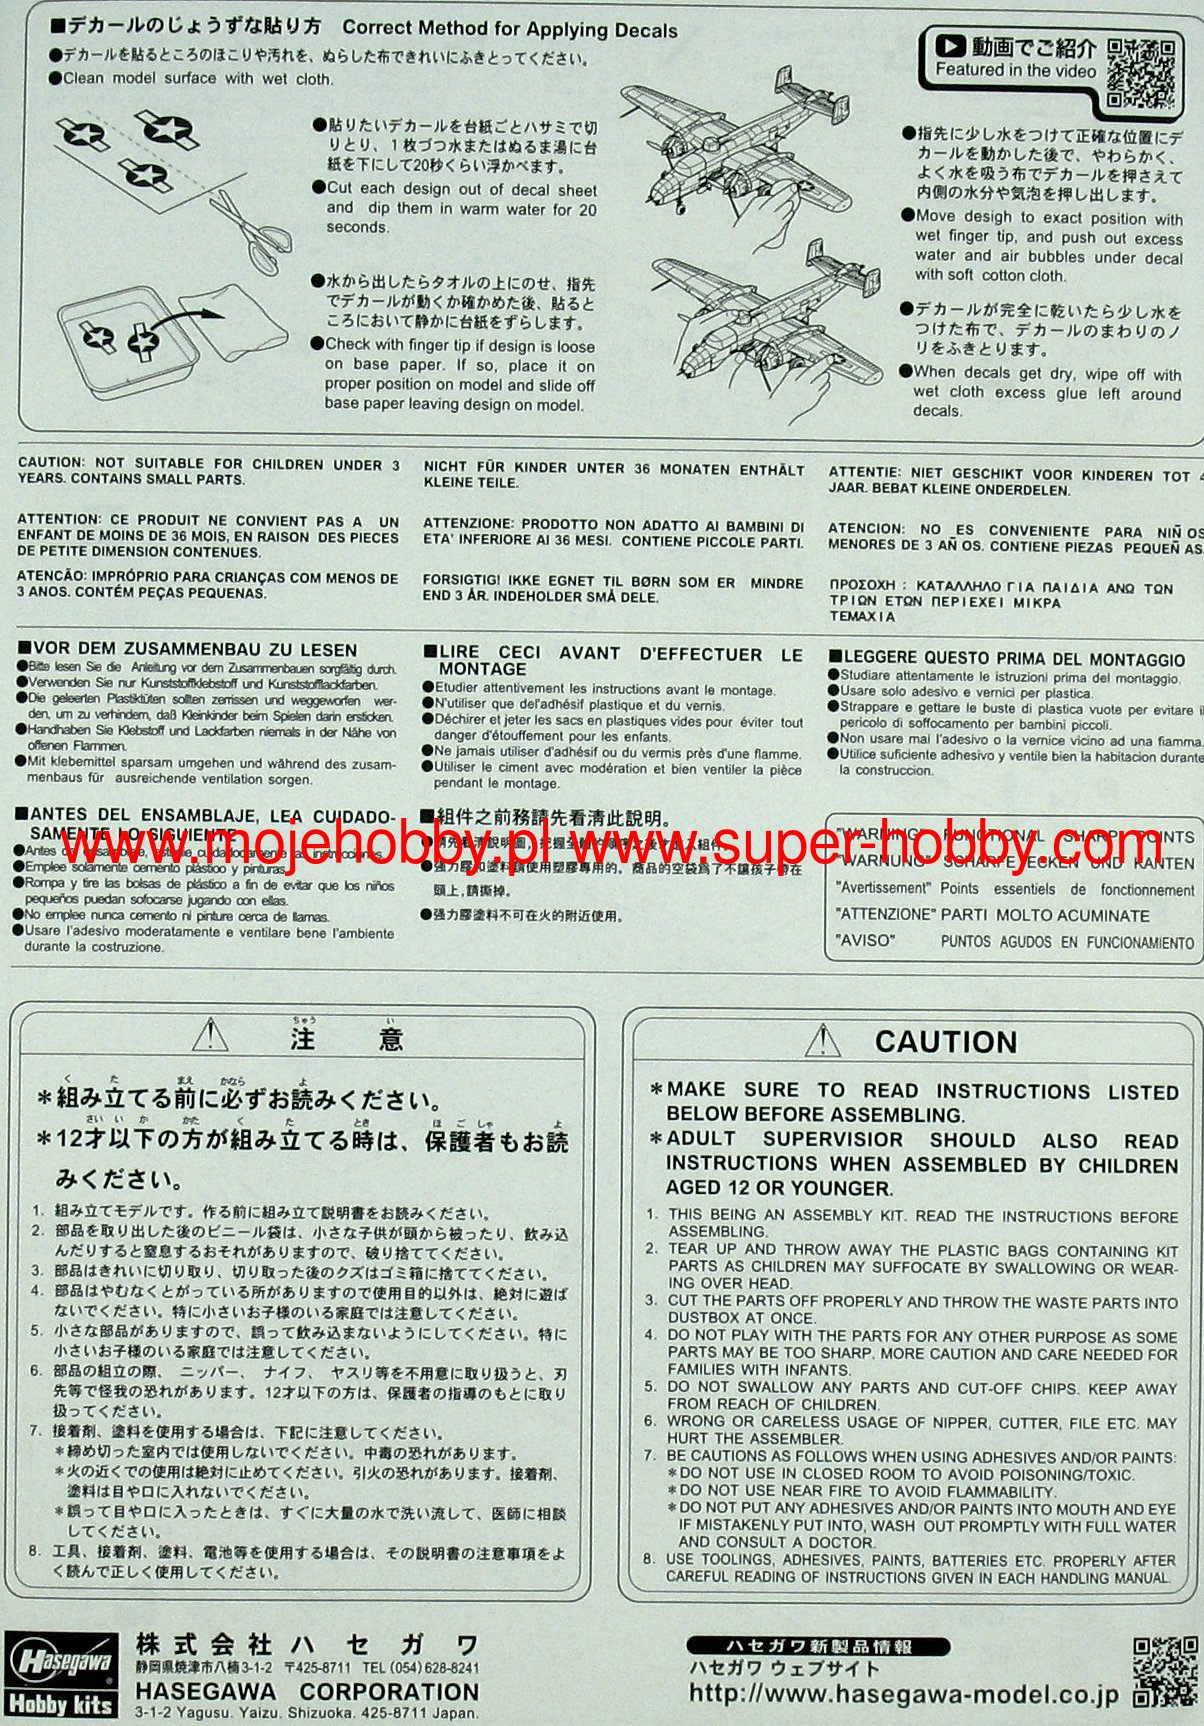 Mitsubishi Ki67 Type 4 Hiryu `Kawasaki Igo 1 A`